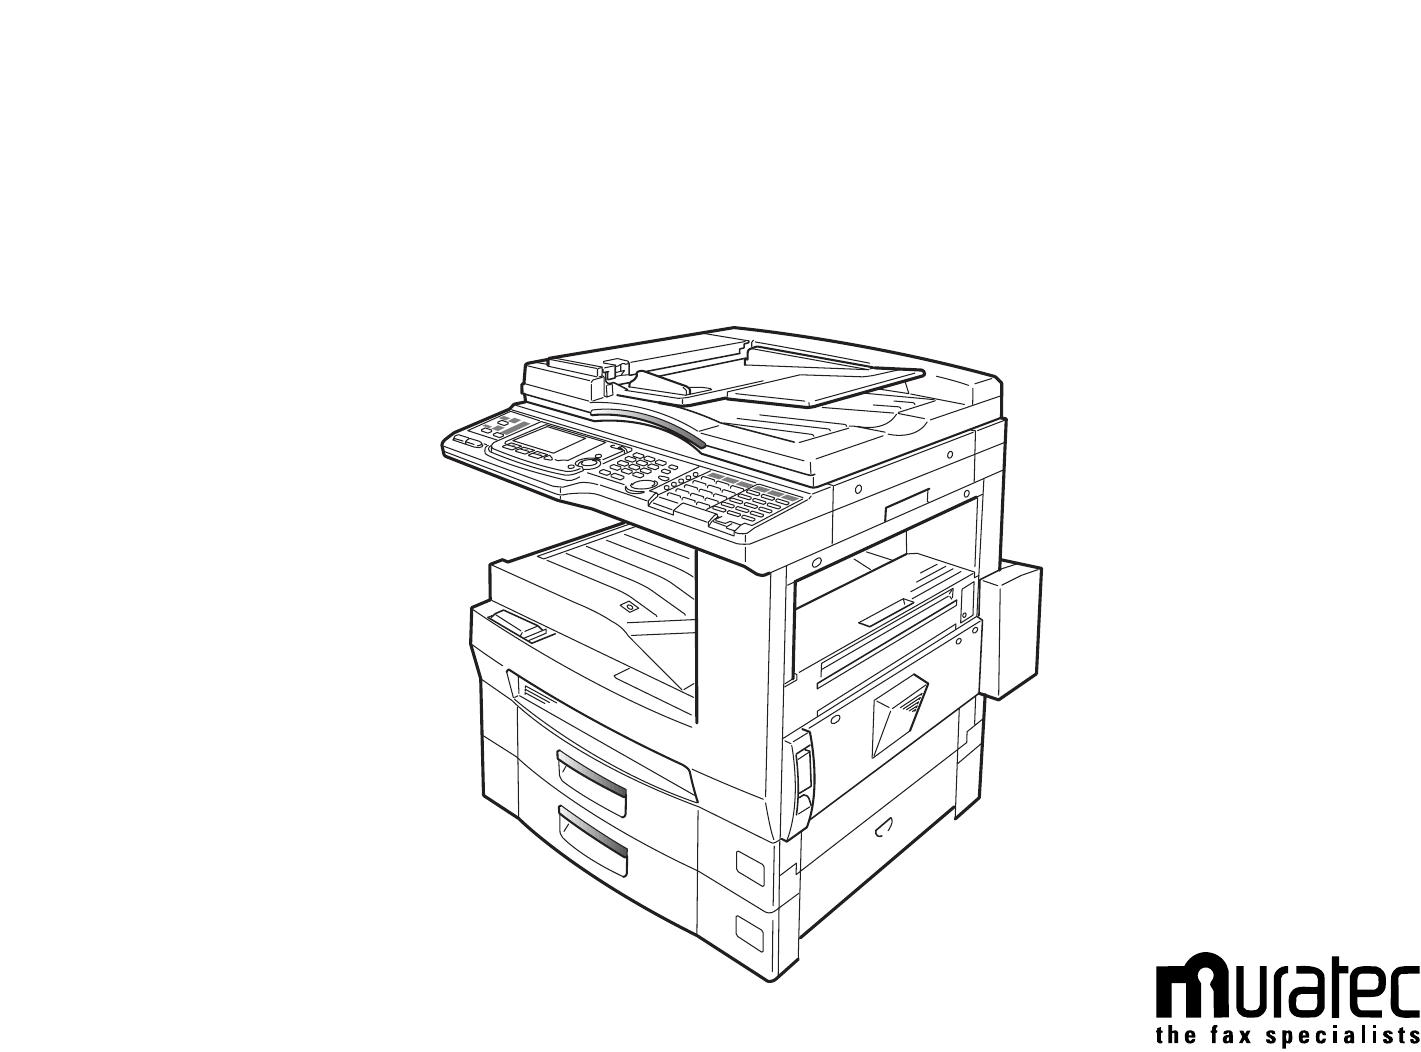 Muratec Fax Machine Mfx User Guide